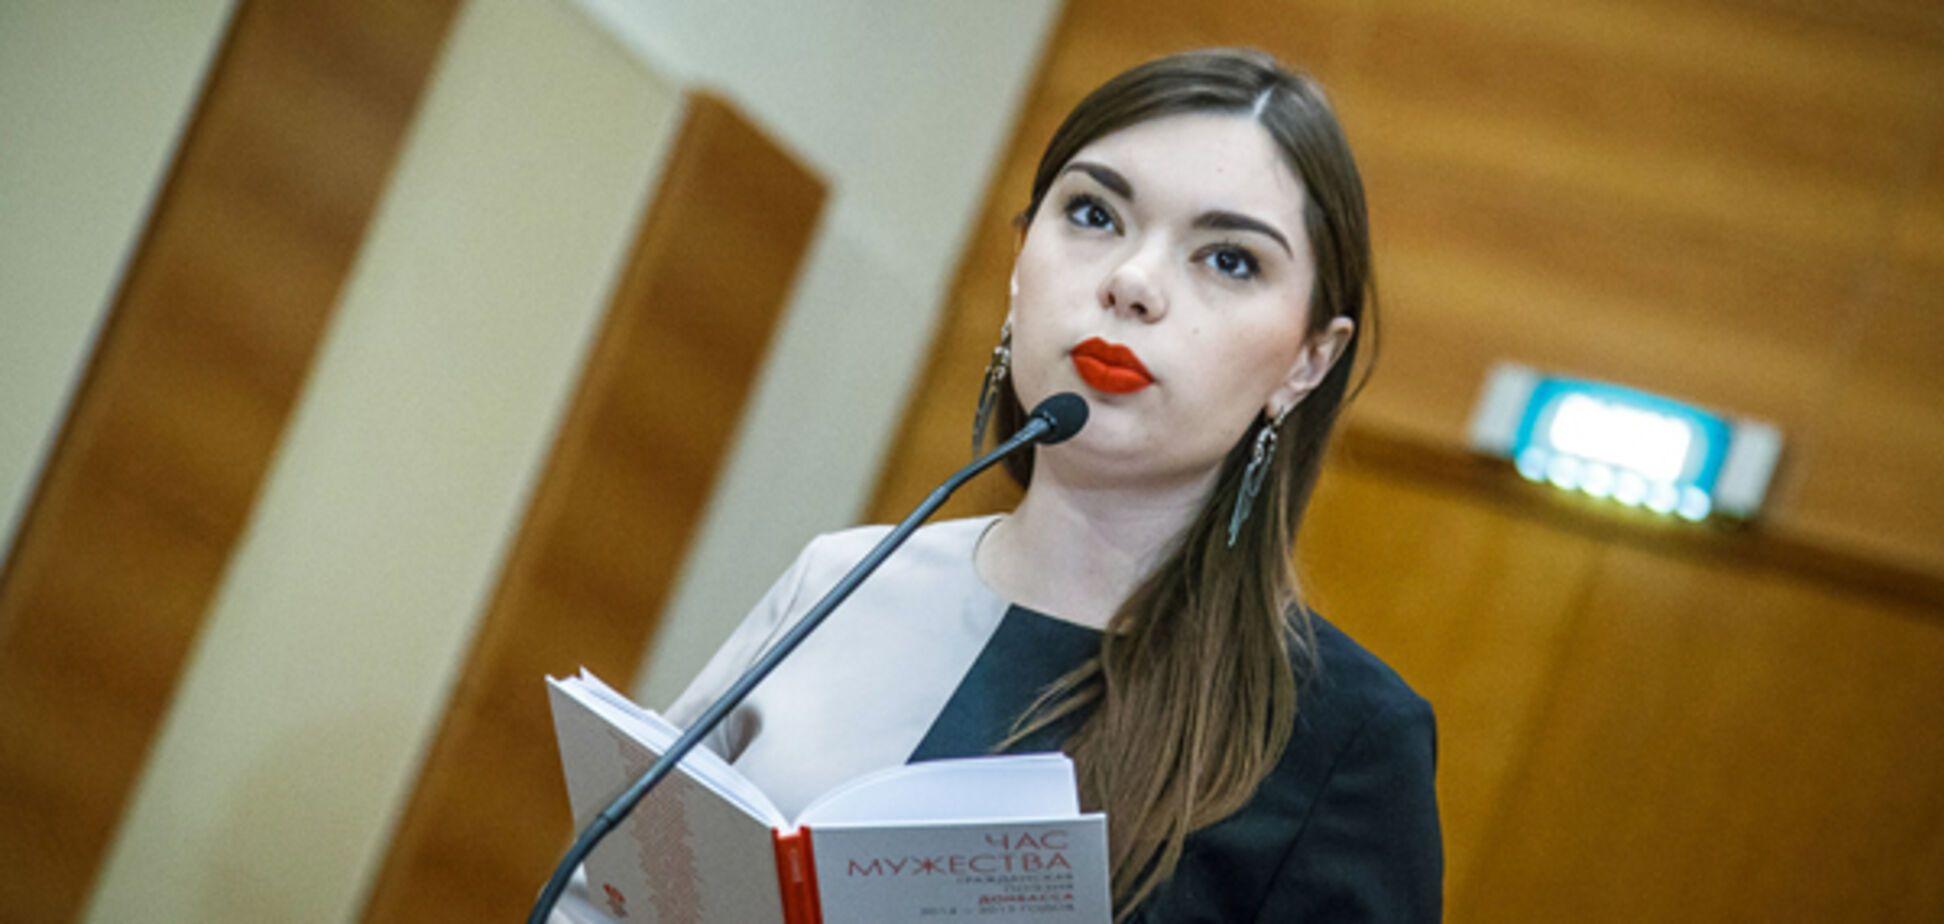 ''Д*унецьке б*дло!'' Одіозні письменники влаштували публічну суперечку після поїздки в Росію